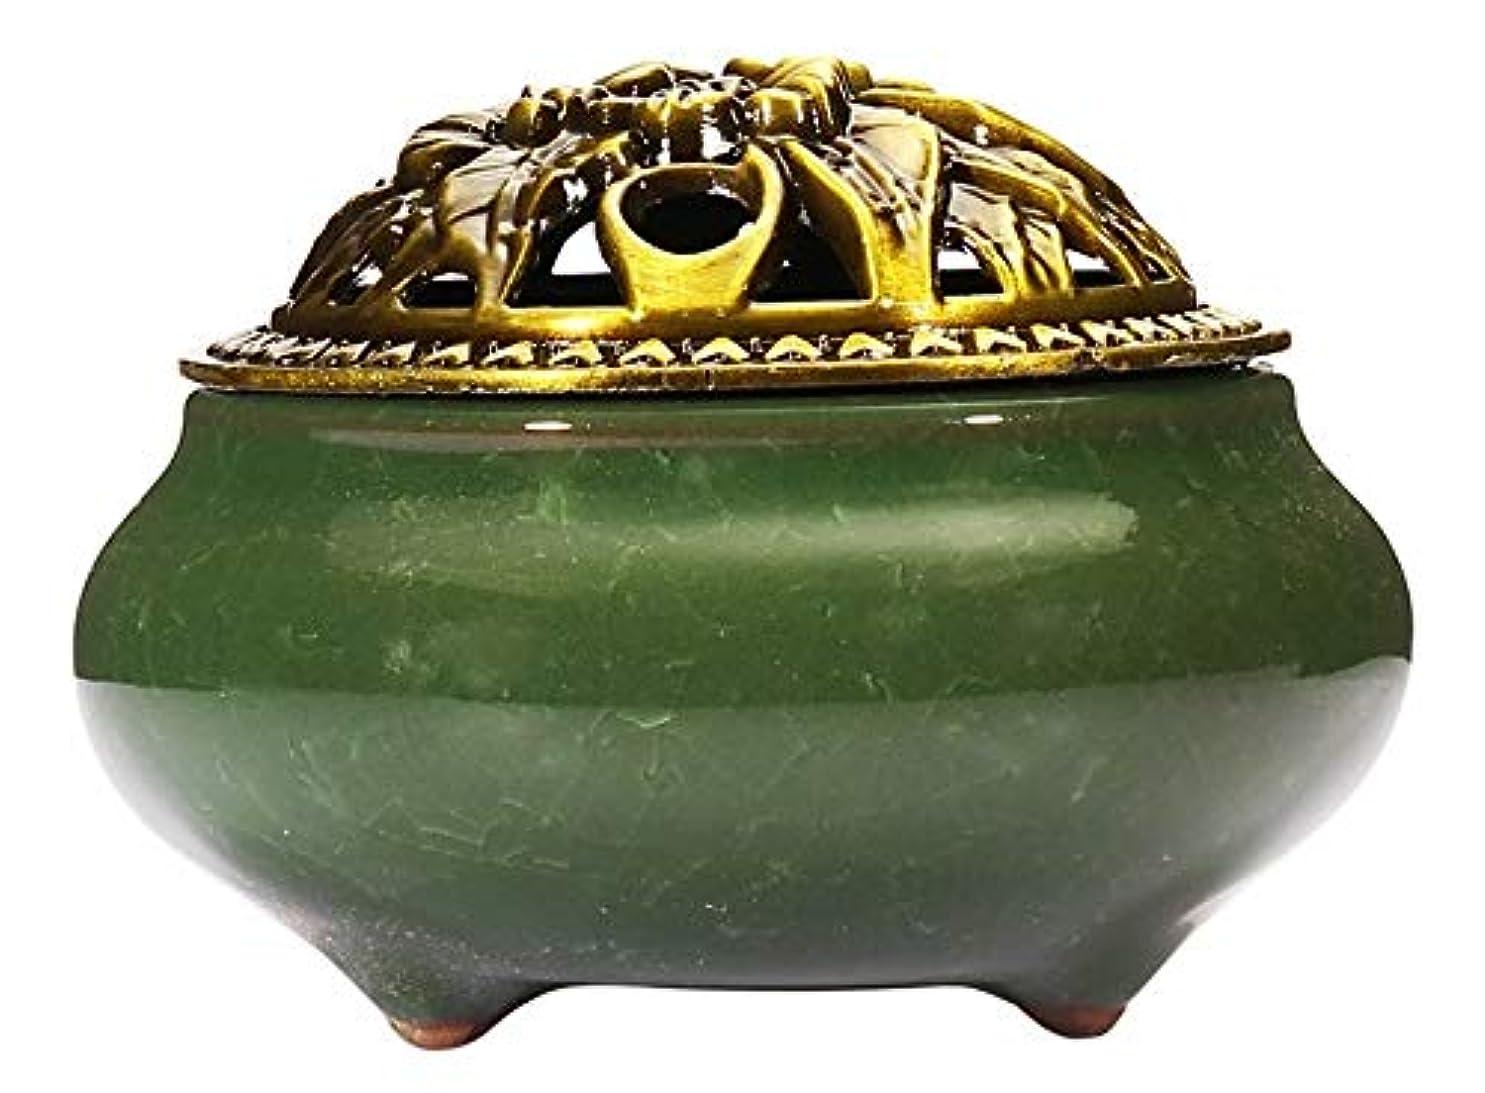 方程式費やす高齢者(Dark Green) - Incense Burner with Brass Incense Stick Holder Ice-Patterned Dark green Handmade Censer by Xujia.